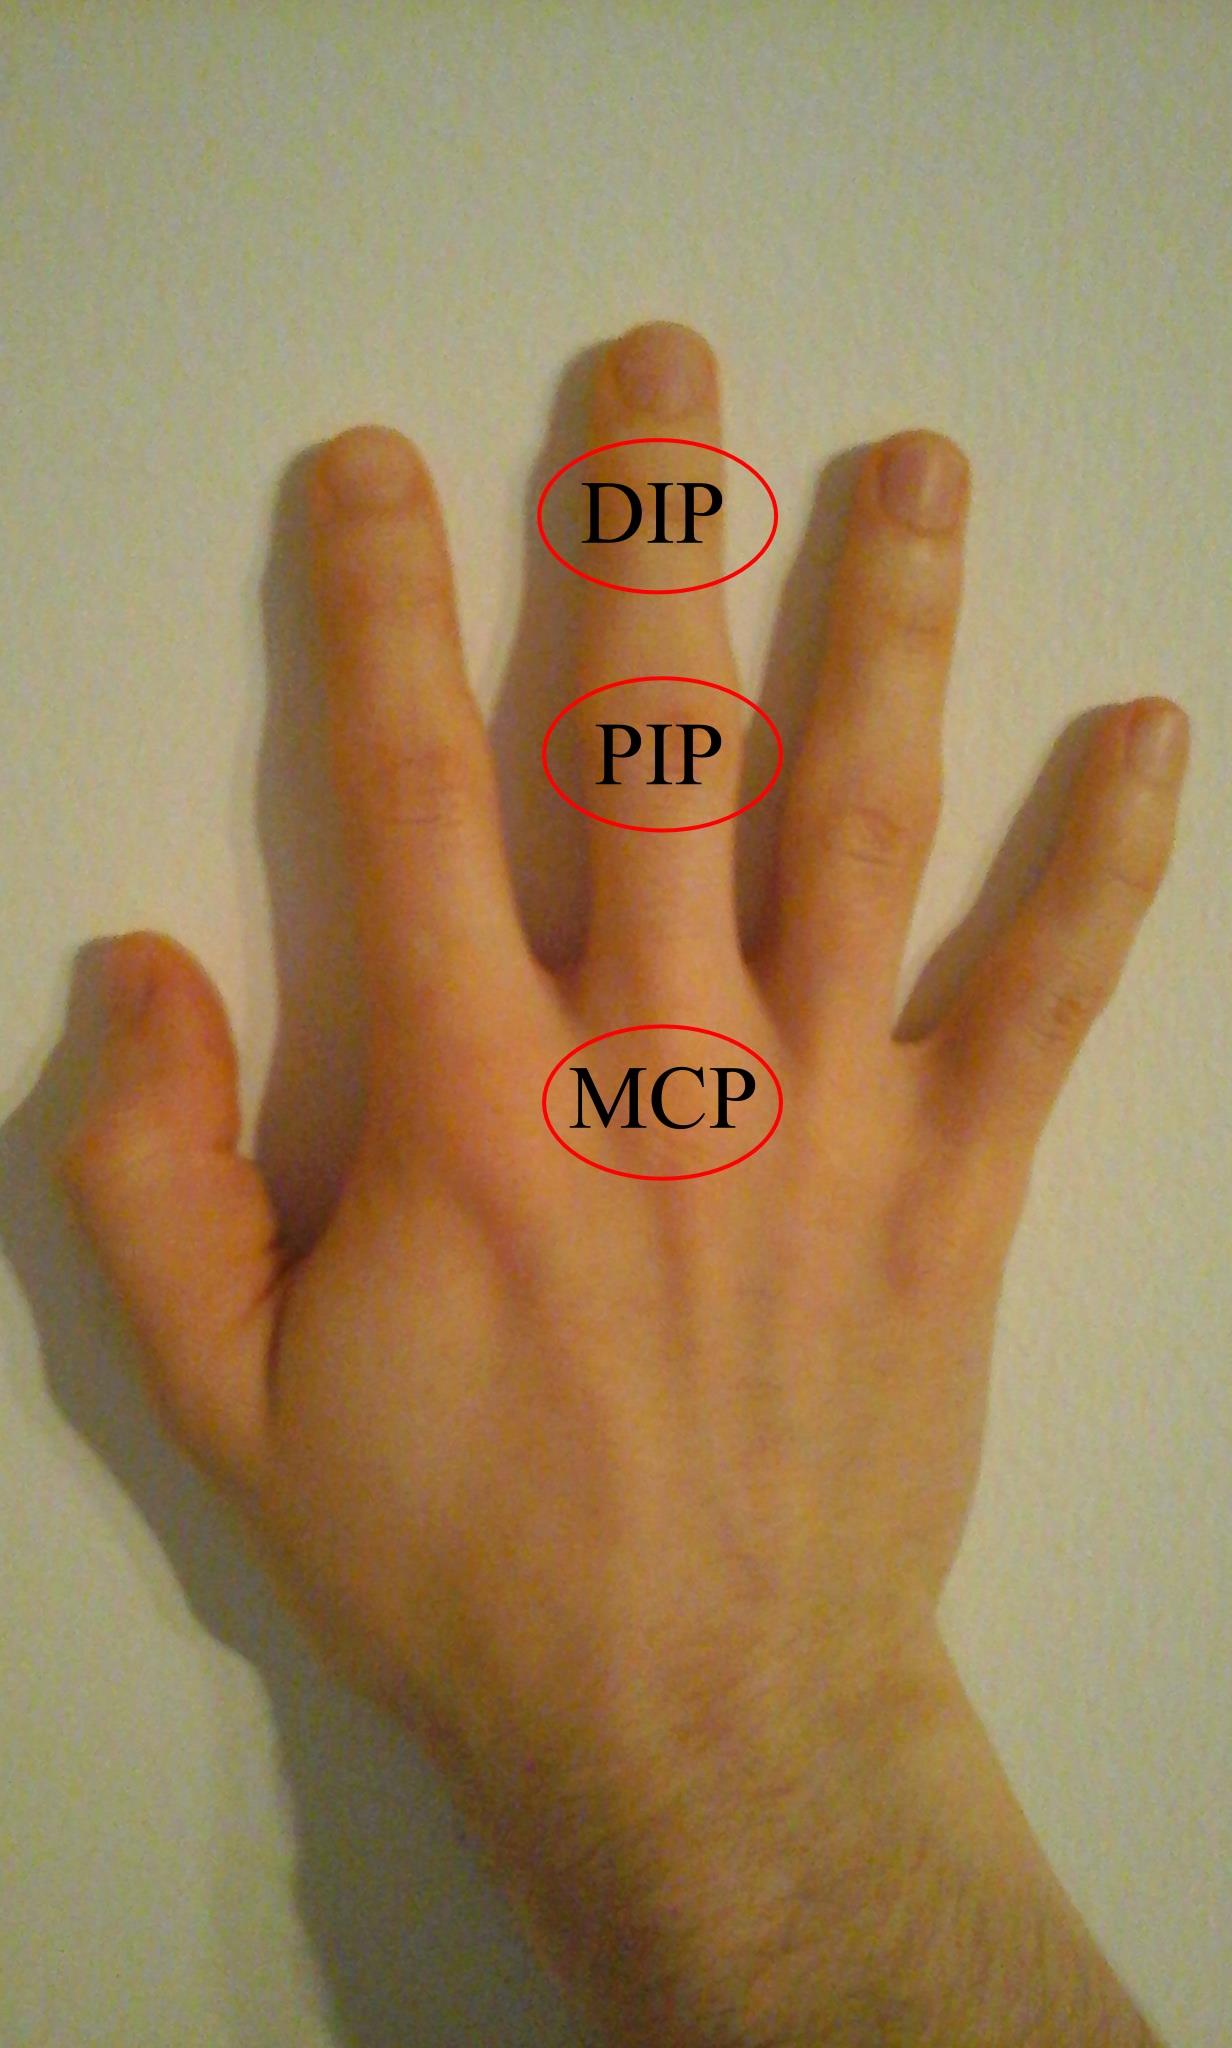 ujj fájdalom index ízület viprosil ízületi fájdalom